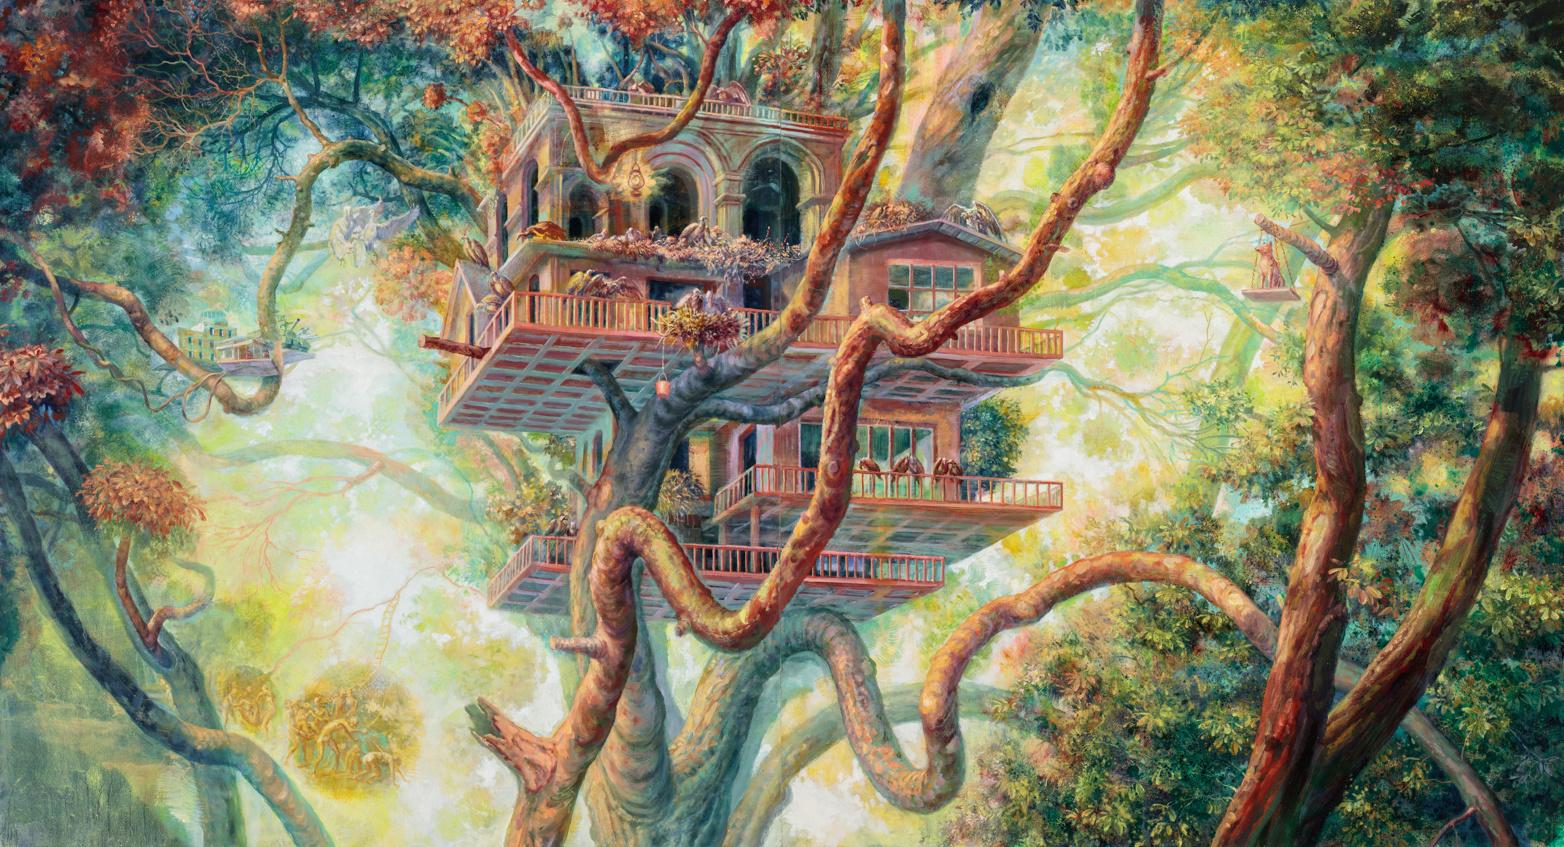 Bright Environmental Paintings Focused on Survival by Artist Julie Heffernan (9 pics)